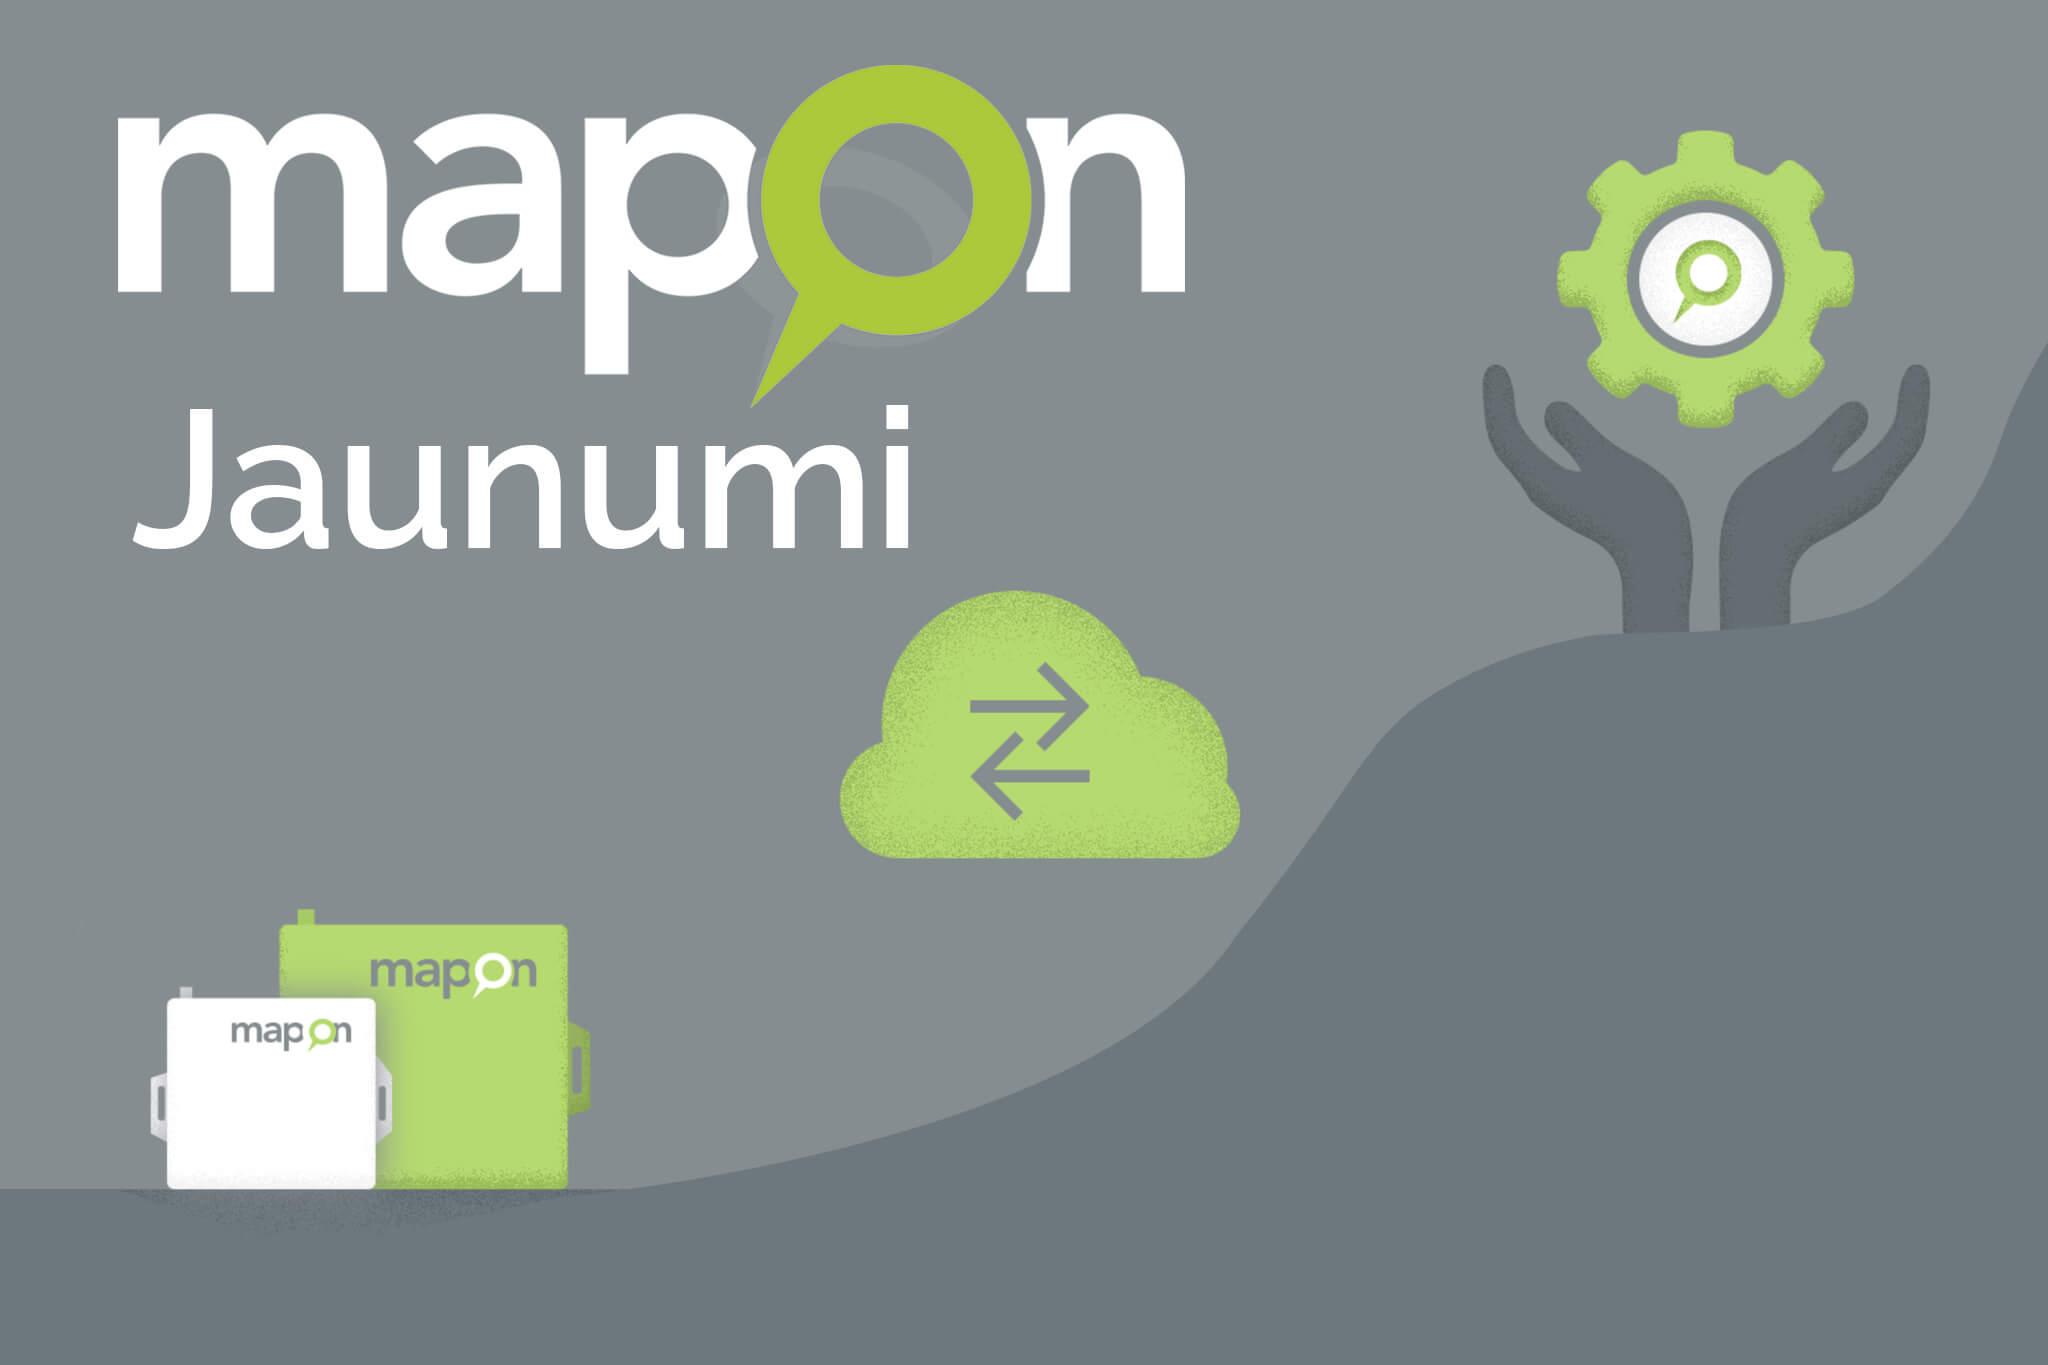 Svarīgs sasniegums Mapon Expert; sistēmas un API uzlabojumi